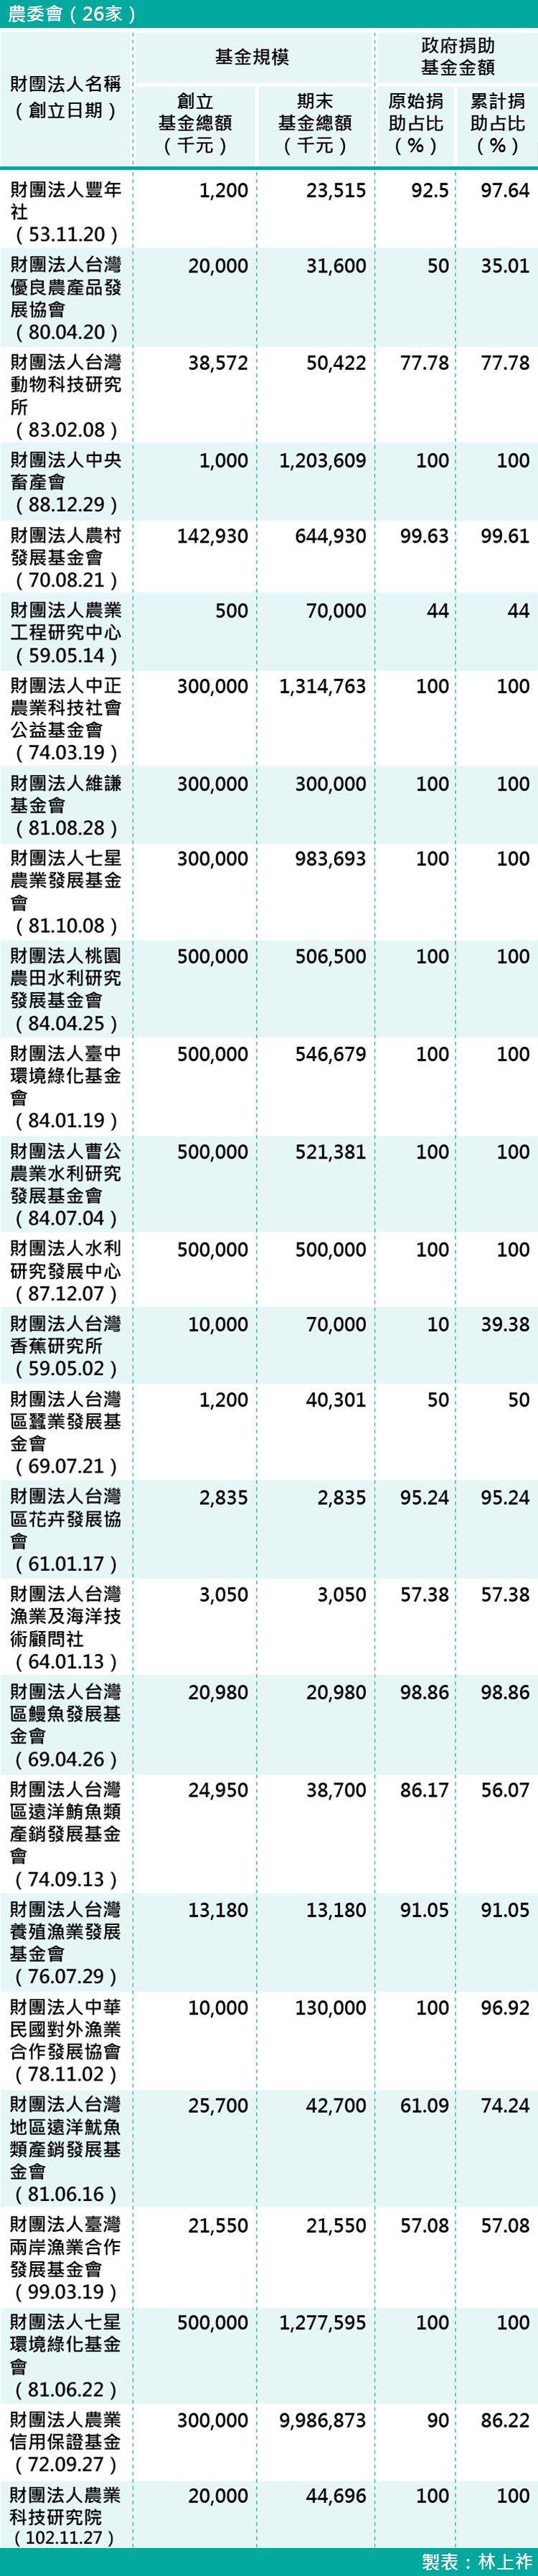 18-各部會下轄財團法人基金規模-農委會(26家)